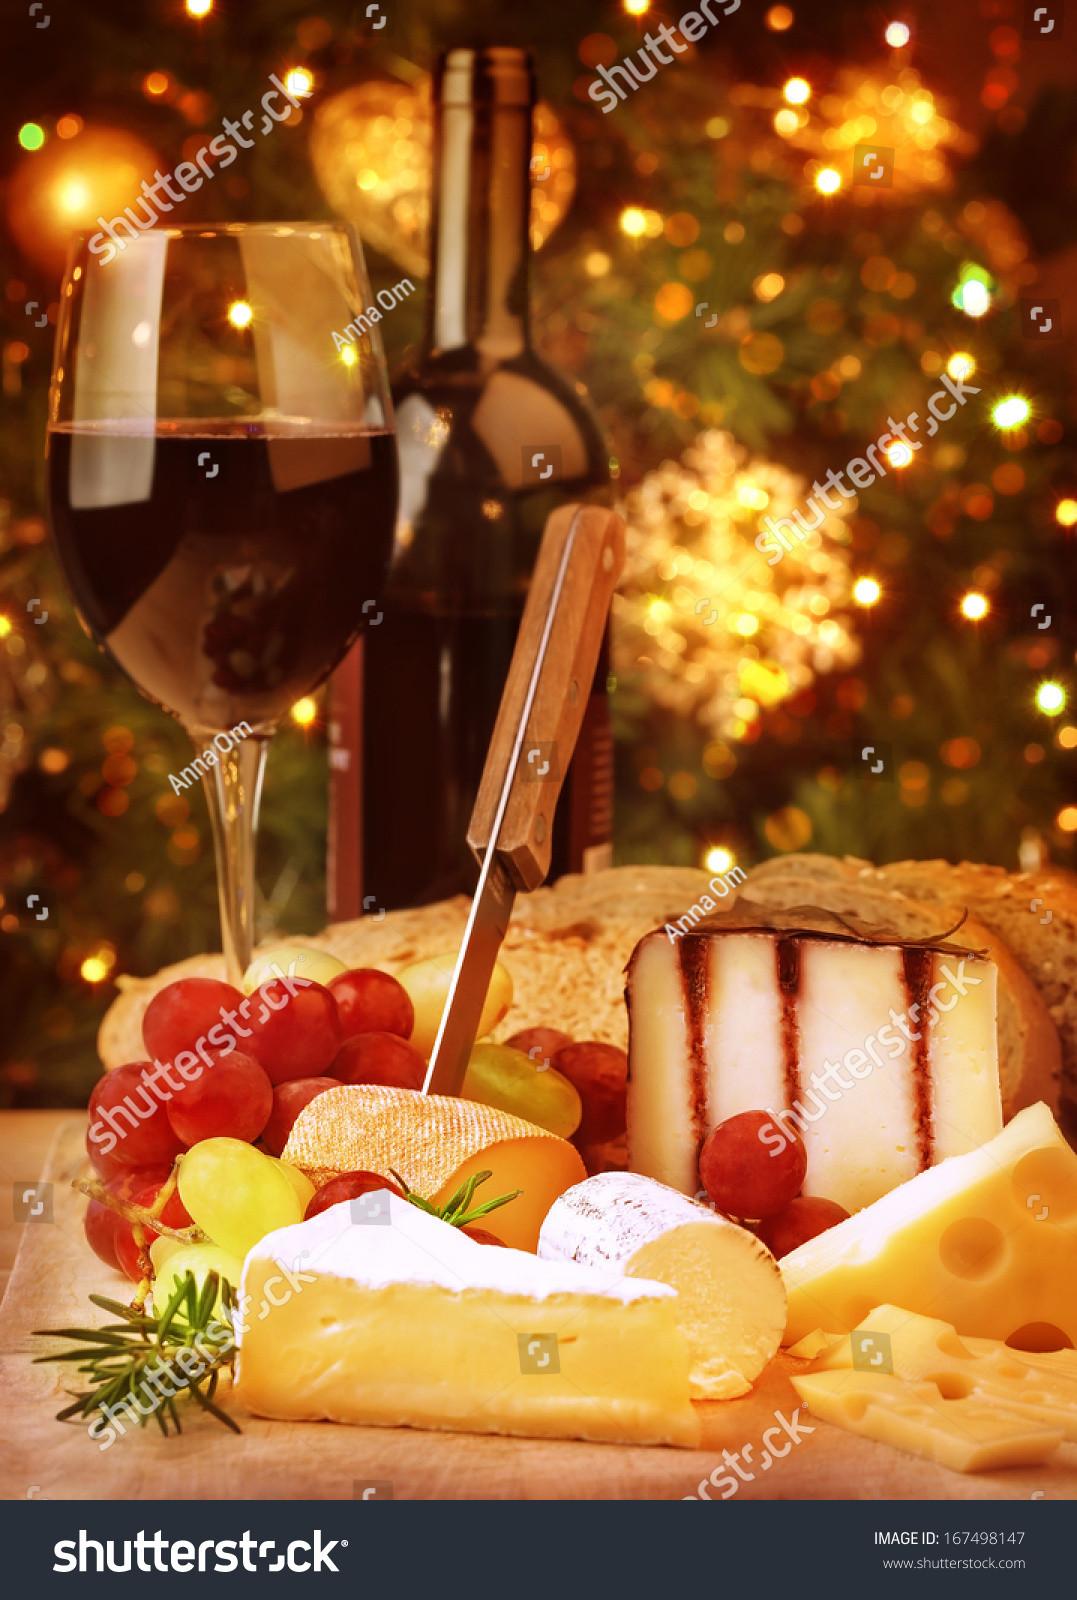 Christmas Eve Dinner Restaurants  Christmas Eve Dinner Fine Dining Restaurant Romantic